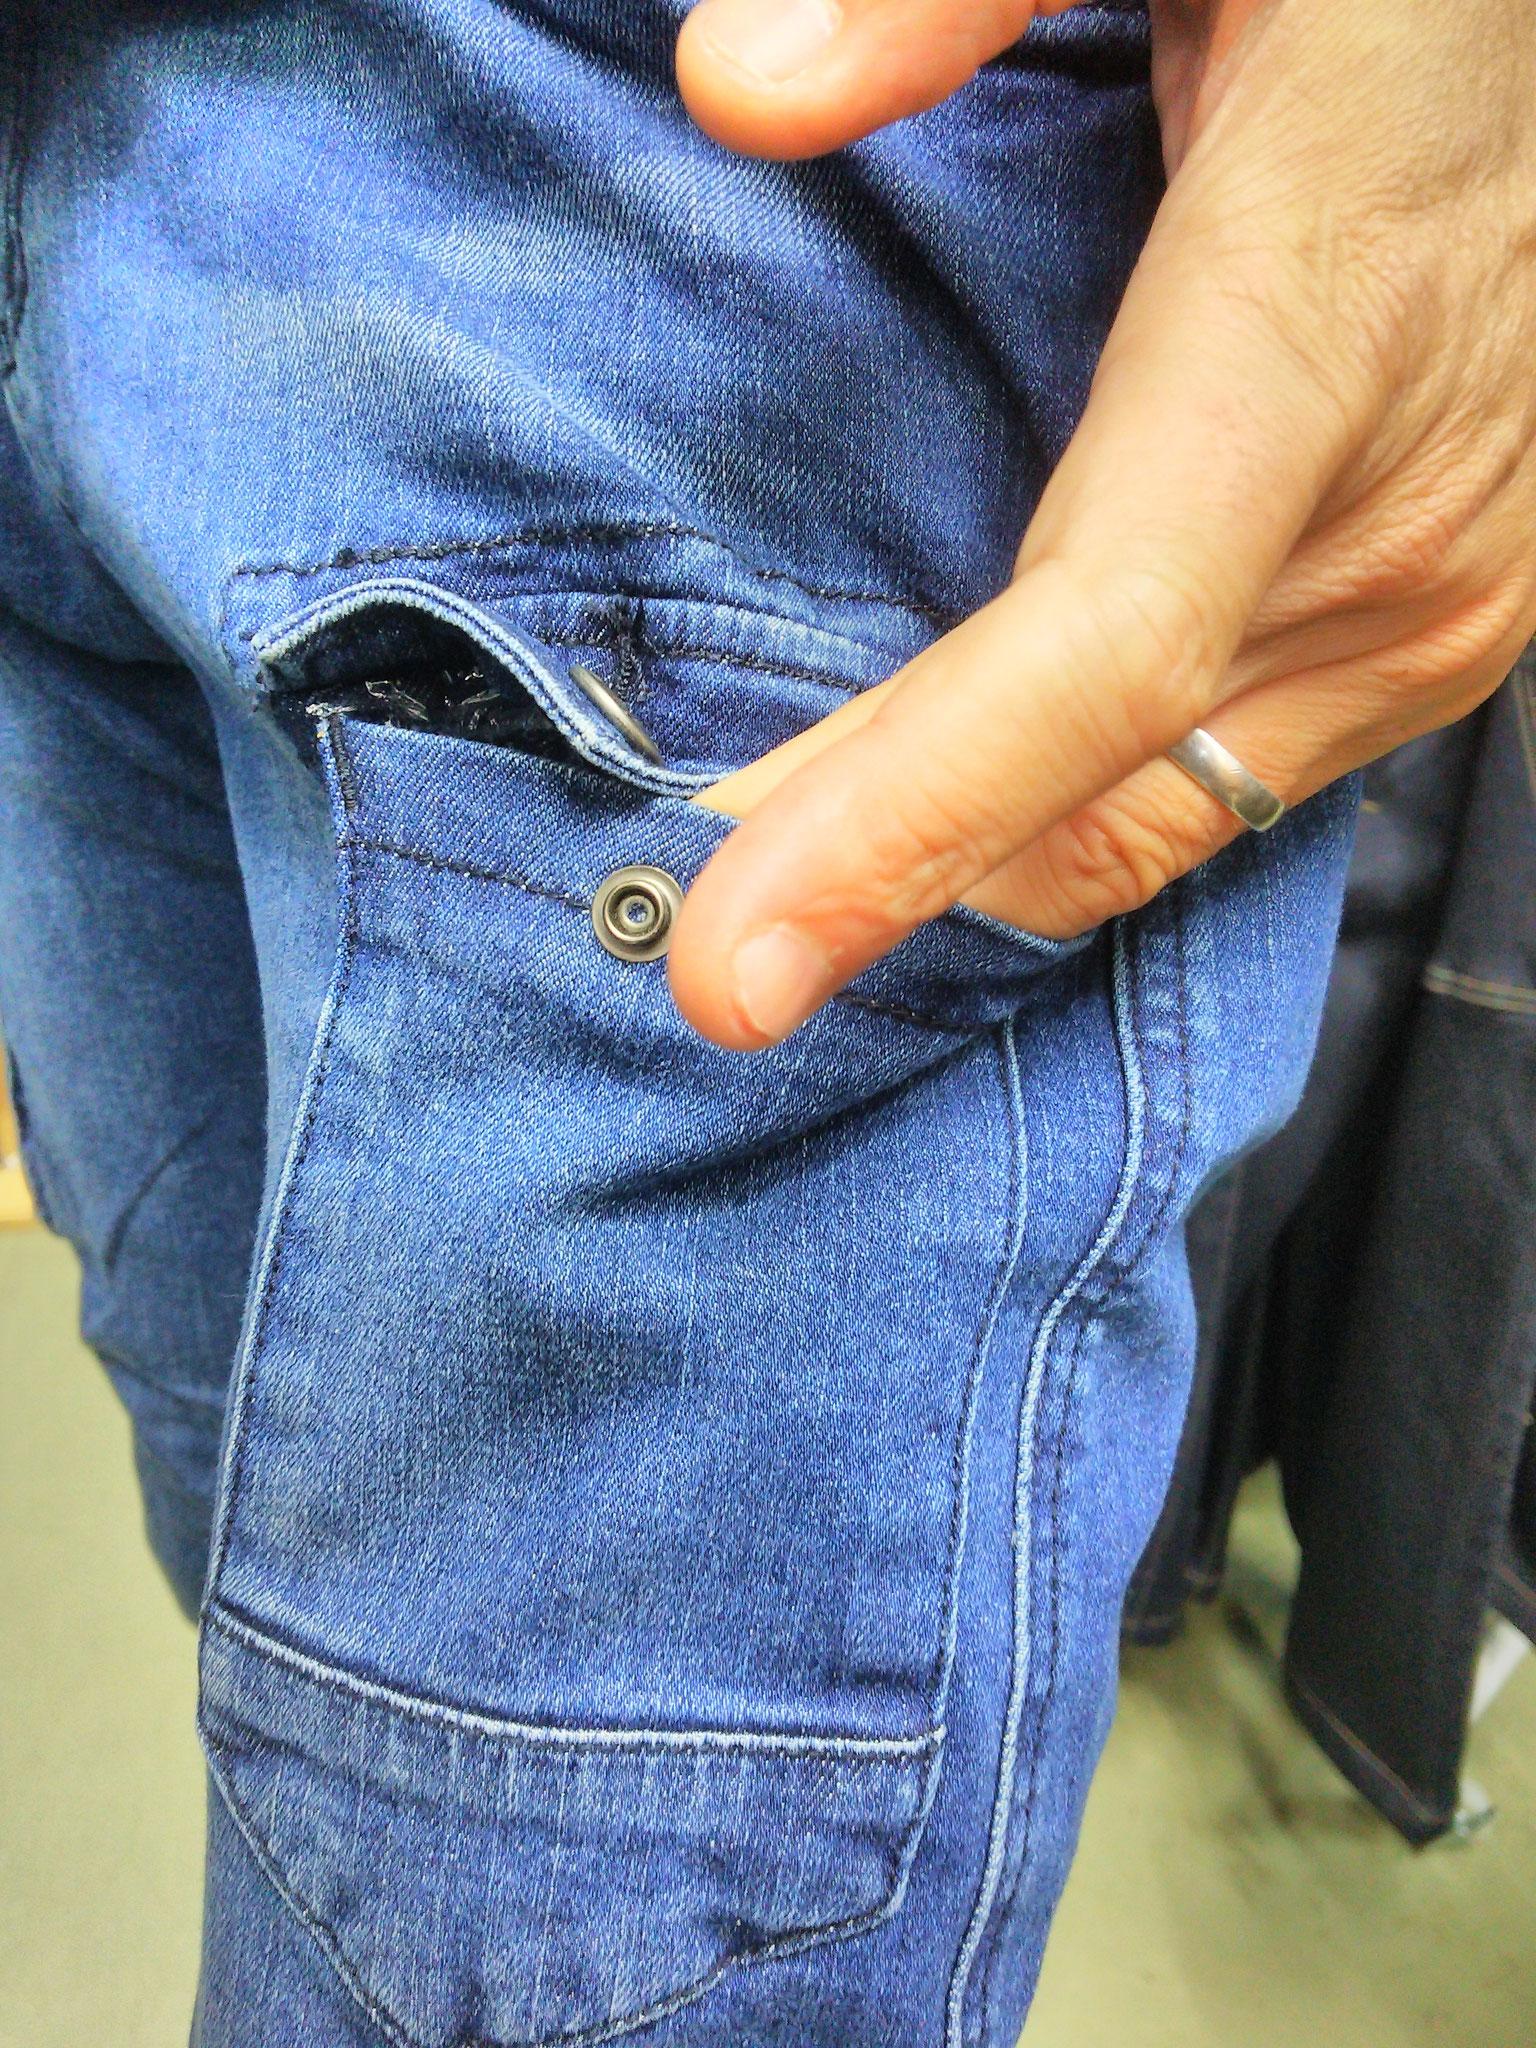 I'Z FRONTIER 7340 SERIES ~アイズフロンティア~ 履いてみました。右カーゴポケット。タバコなら入る大きさです。